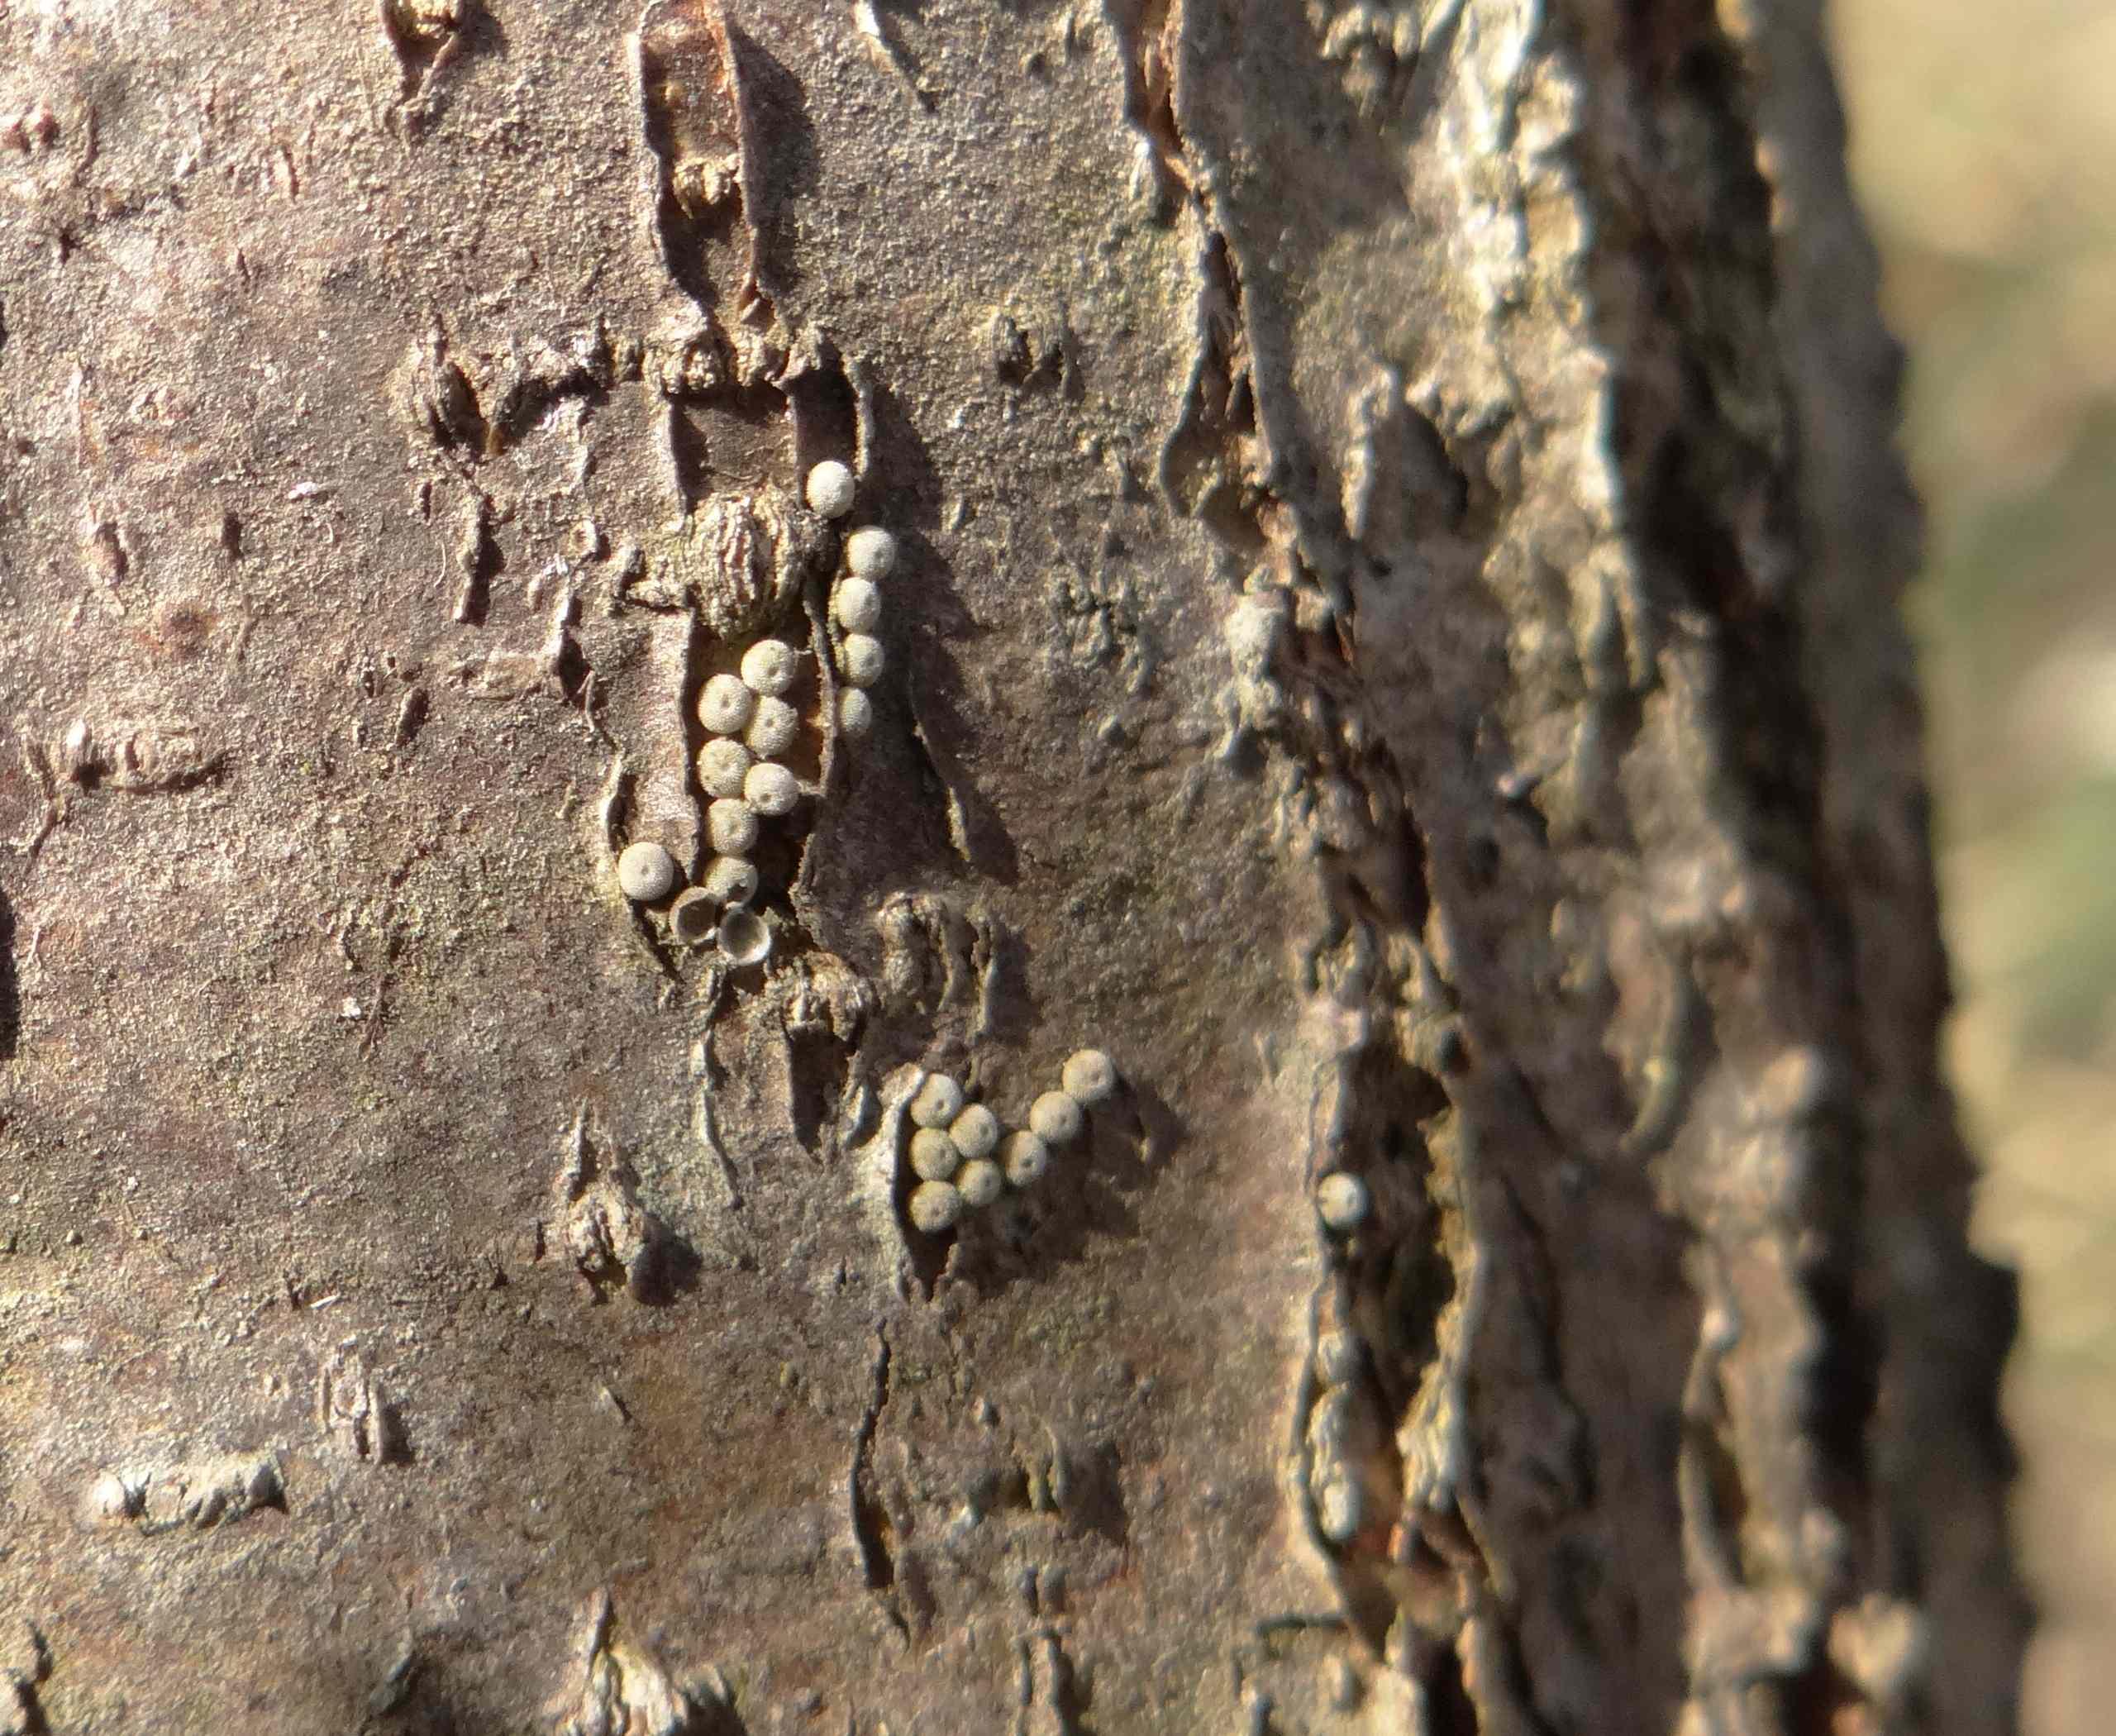 ミドリシジミの卵 伐採されたハンノキより_d0254540_11275254.jpg